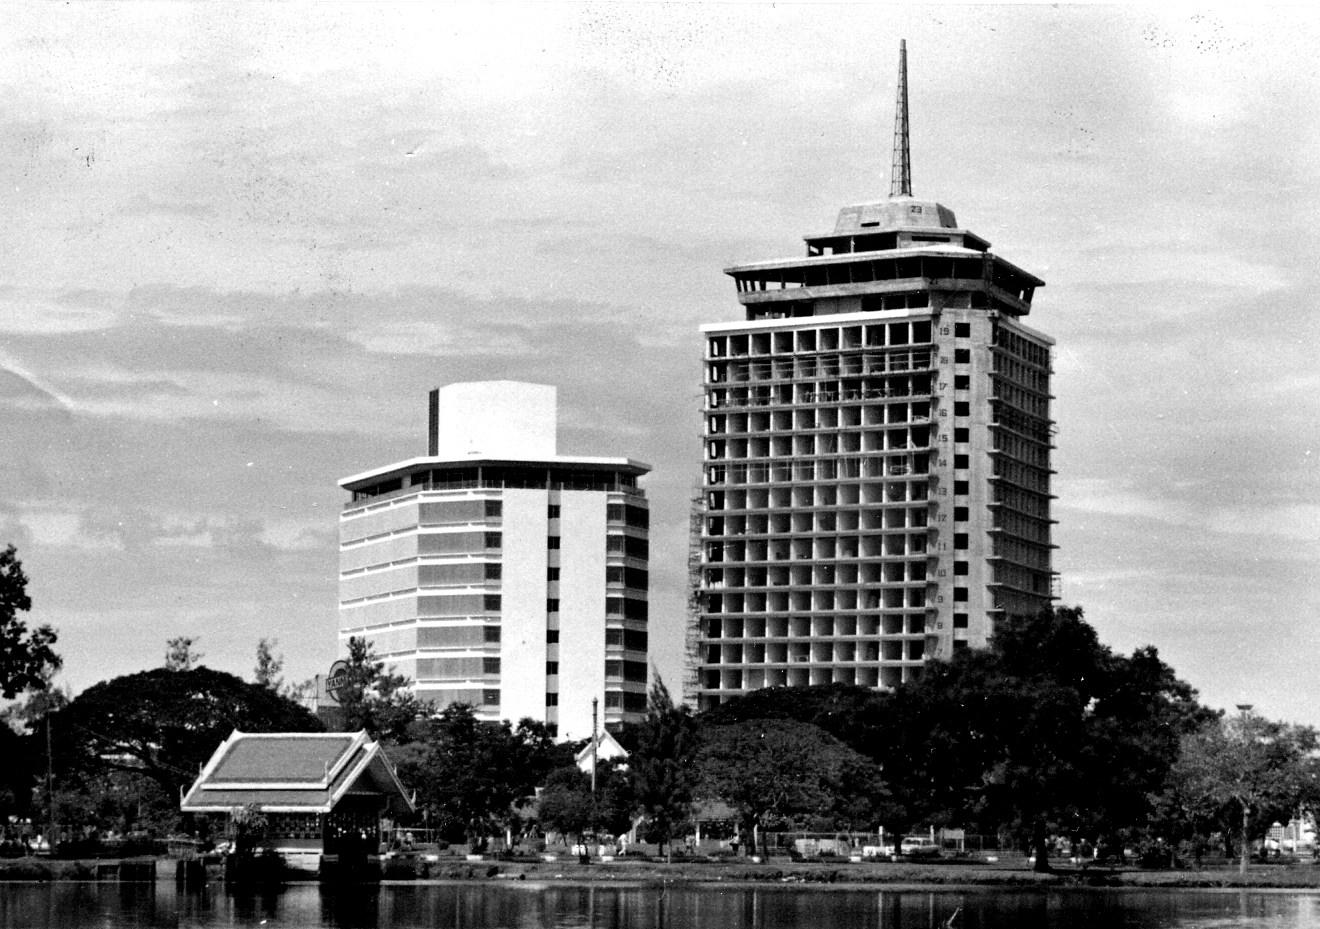 โรงแรมดุสิตธานี ปี 1968